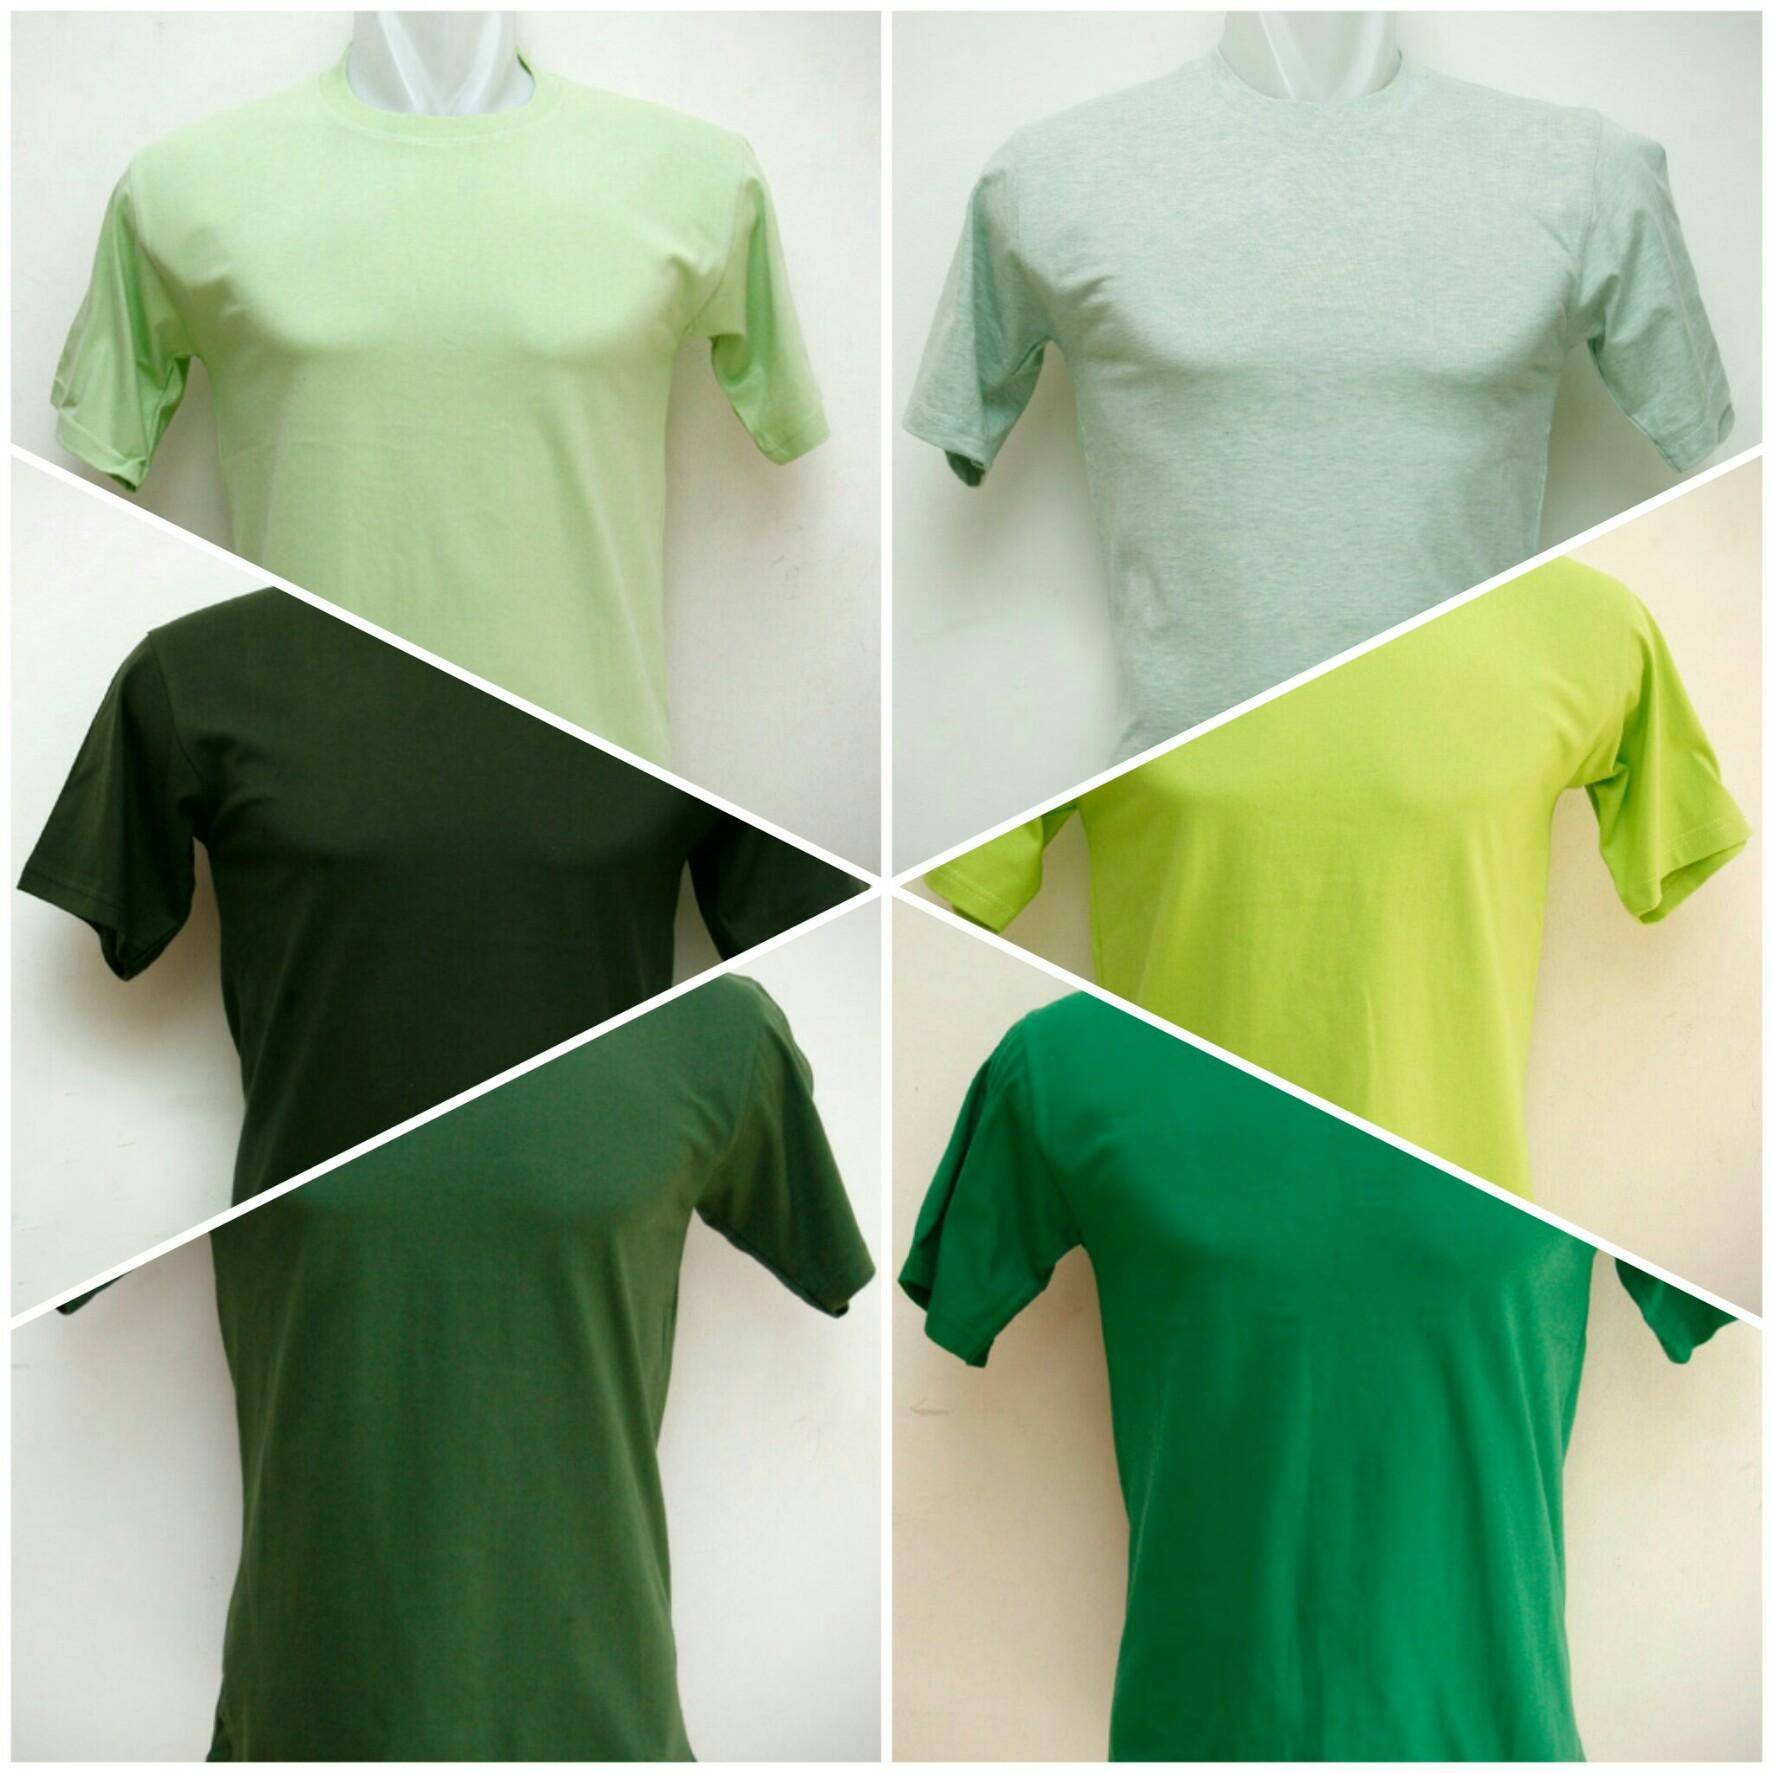 Kaos Polos Hijau Tampil Dalam Nuansa Yang Harmonis Grosir Kaos